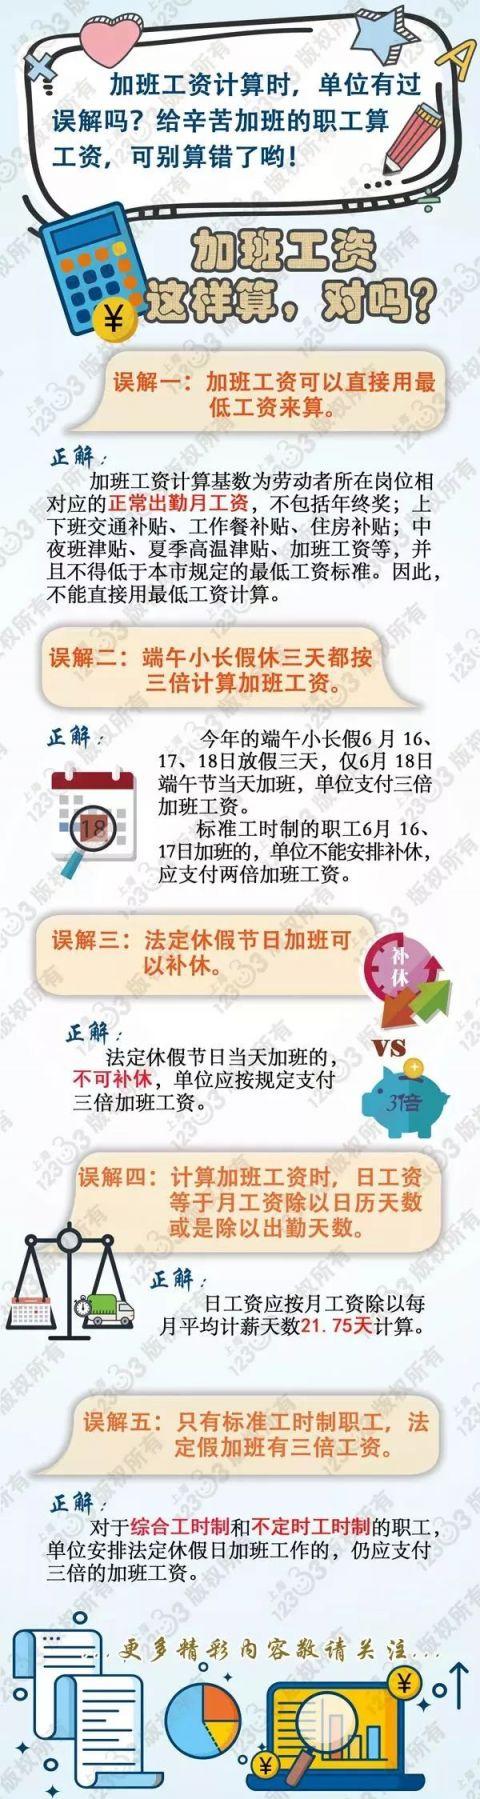 上海加班工资怎么算?一张图澄清五大误解